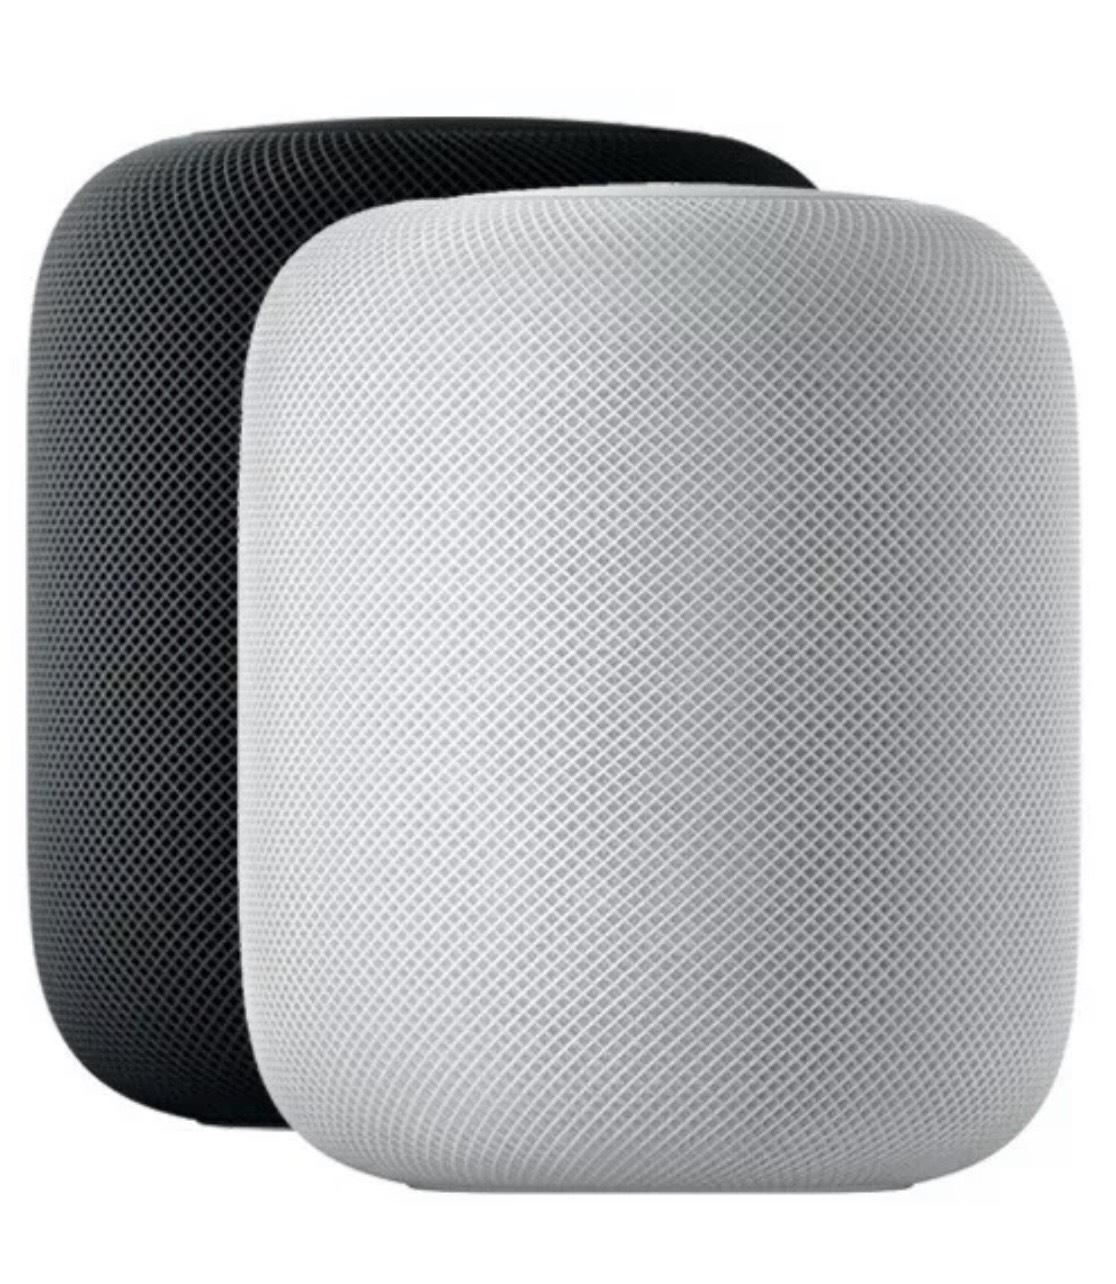 [eBay - WOW] [Refurbished] Apple HomePod beide Farben für 229,9€